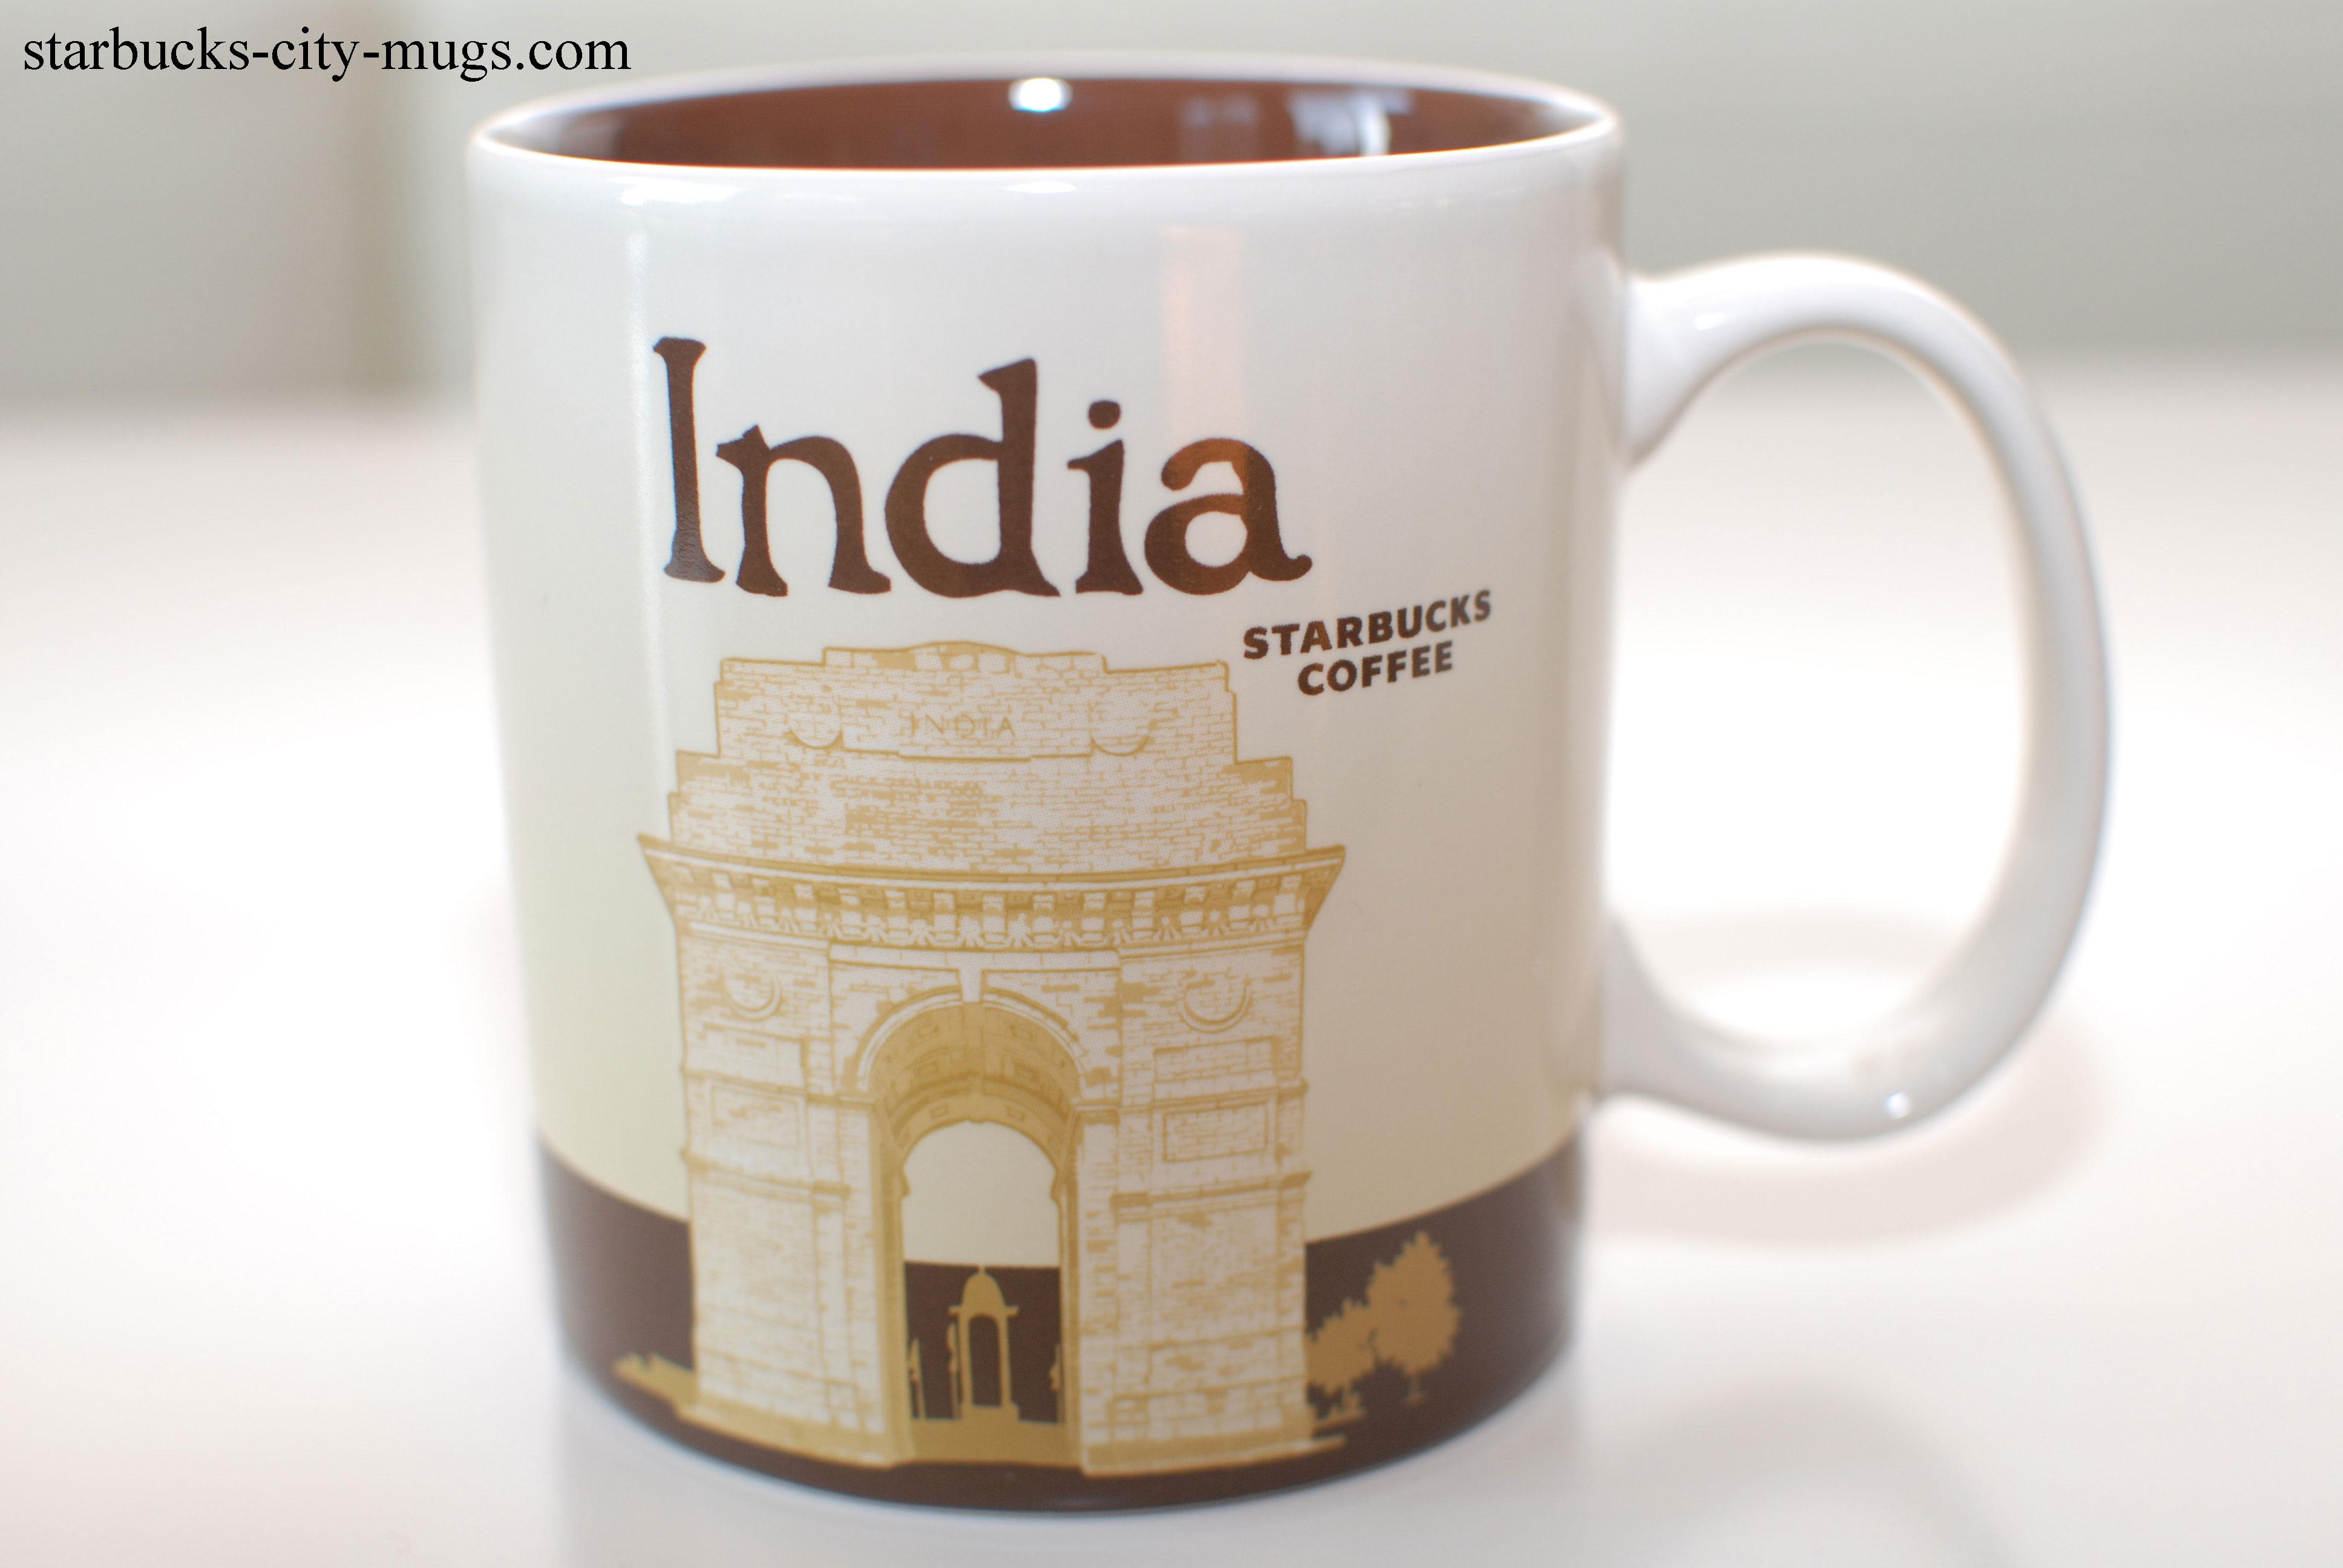 INDIA | Starbucks City Mugs